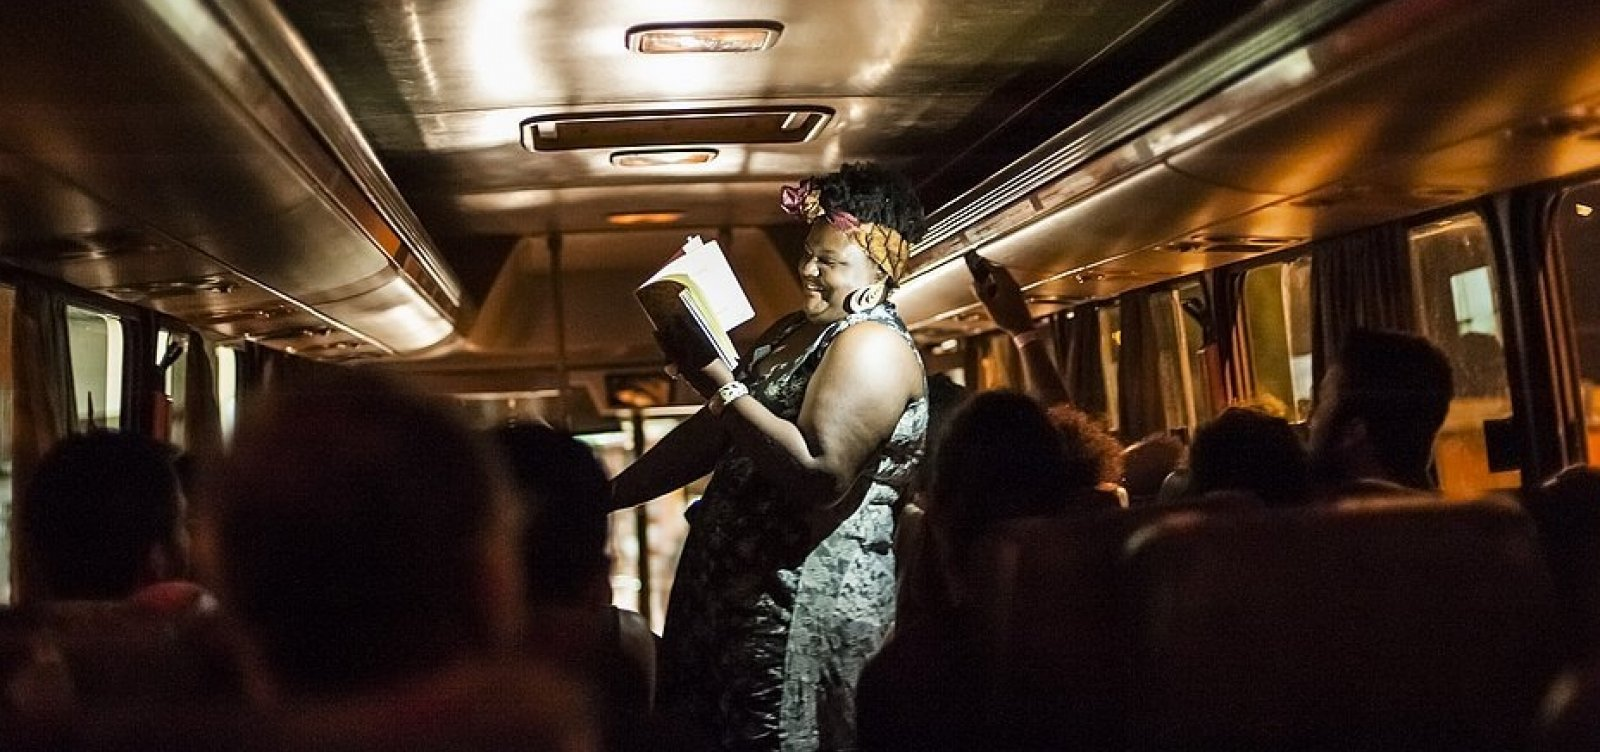 Espetáculo Entrepartidas acontece em ônibus por Salvador